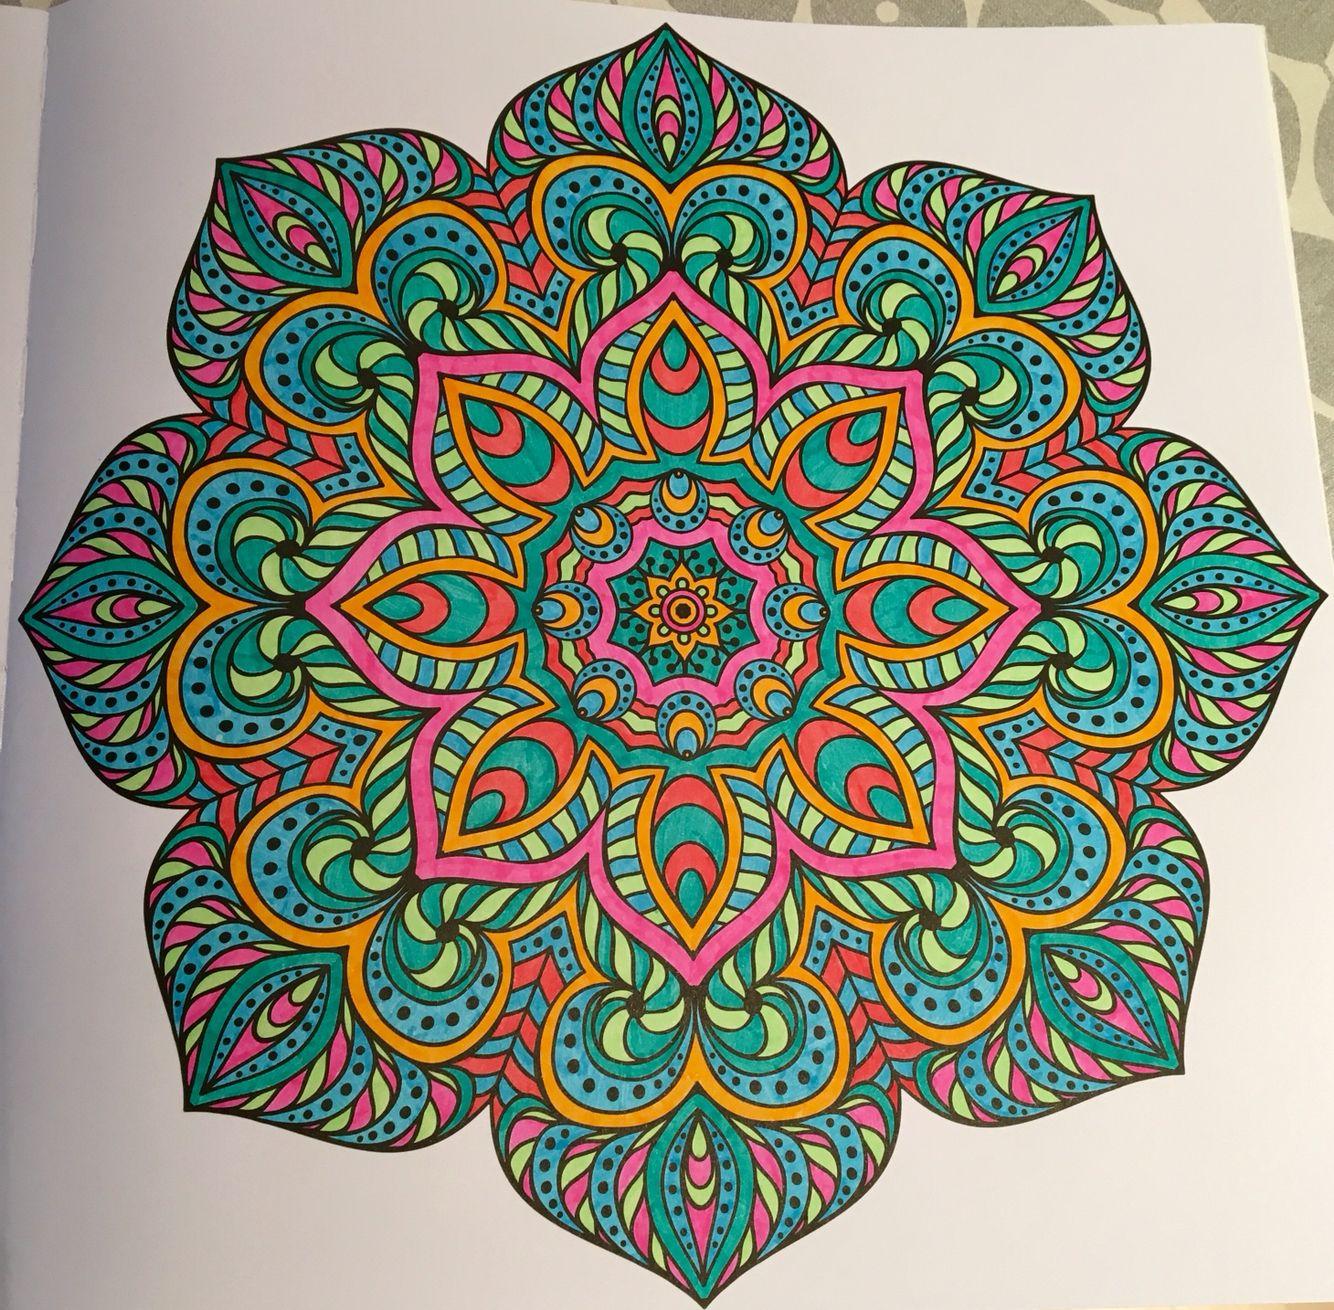 Pin By Niki On Mandala 3 Mandala Coloring Pages Coloring Pages Mandala Coloring